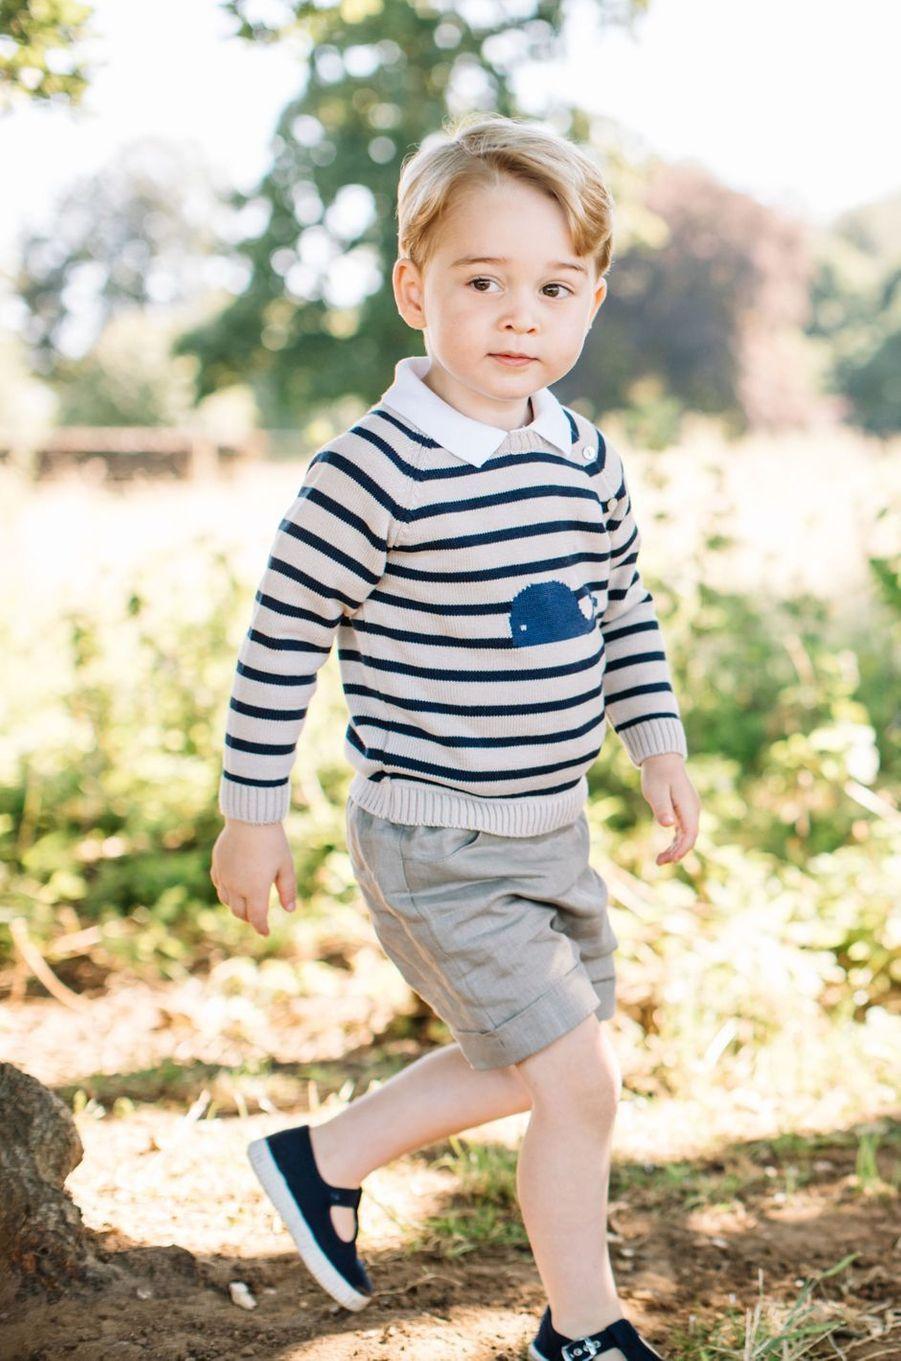 Le prince George, photo diffusée le 22 juillet 2016 pour ses 3 ans